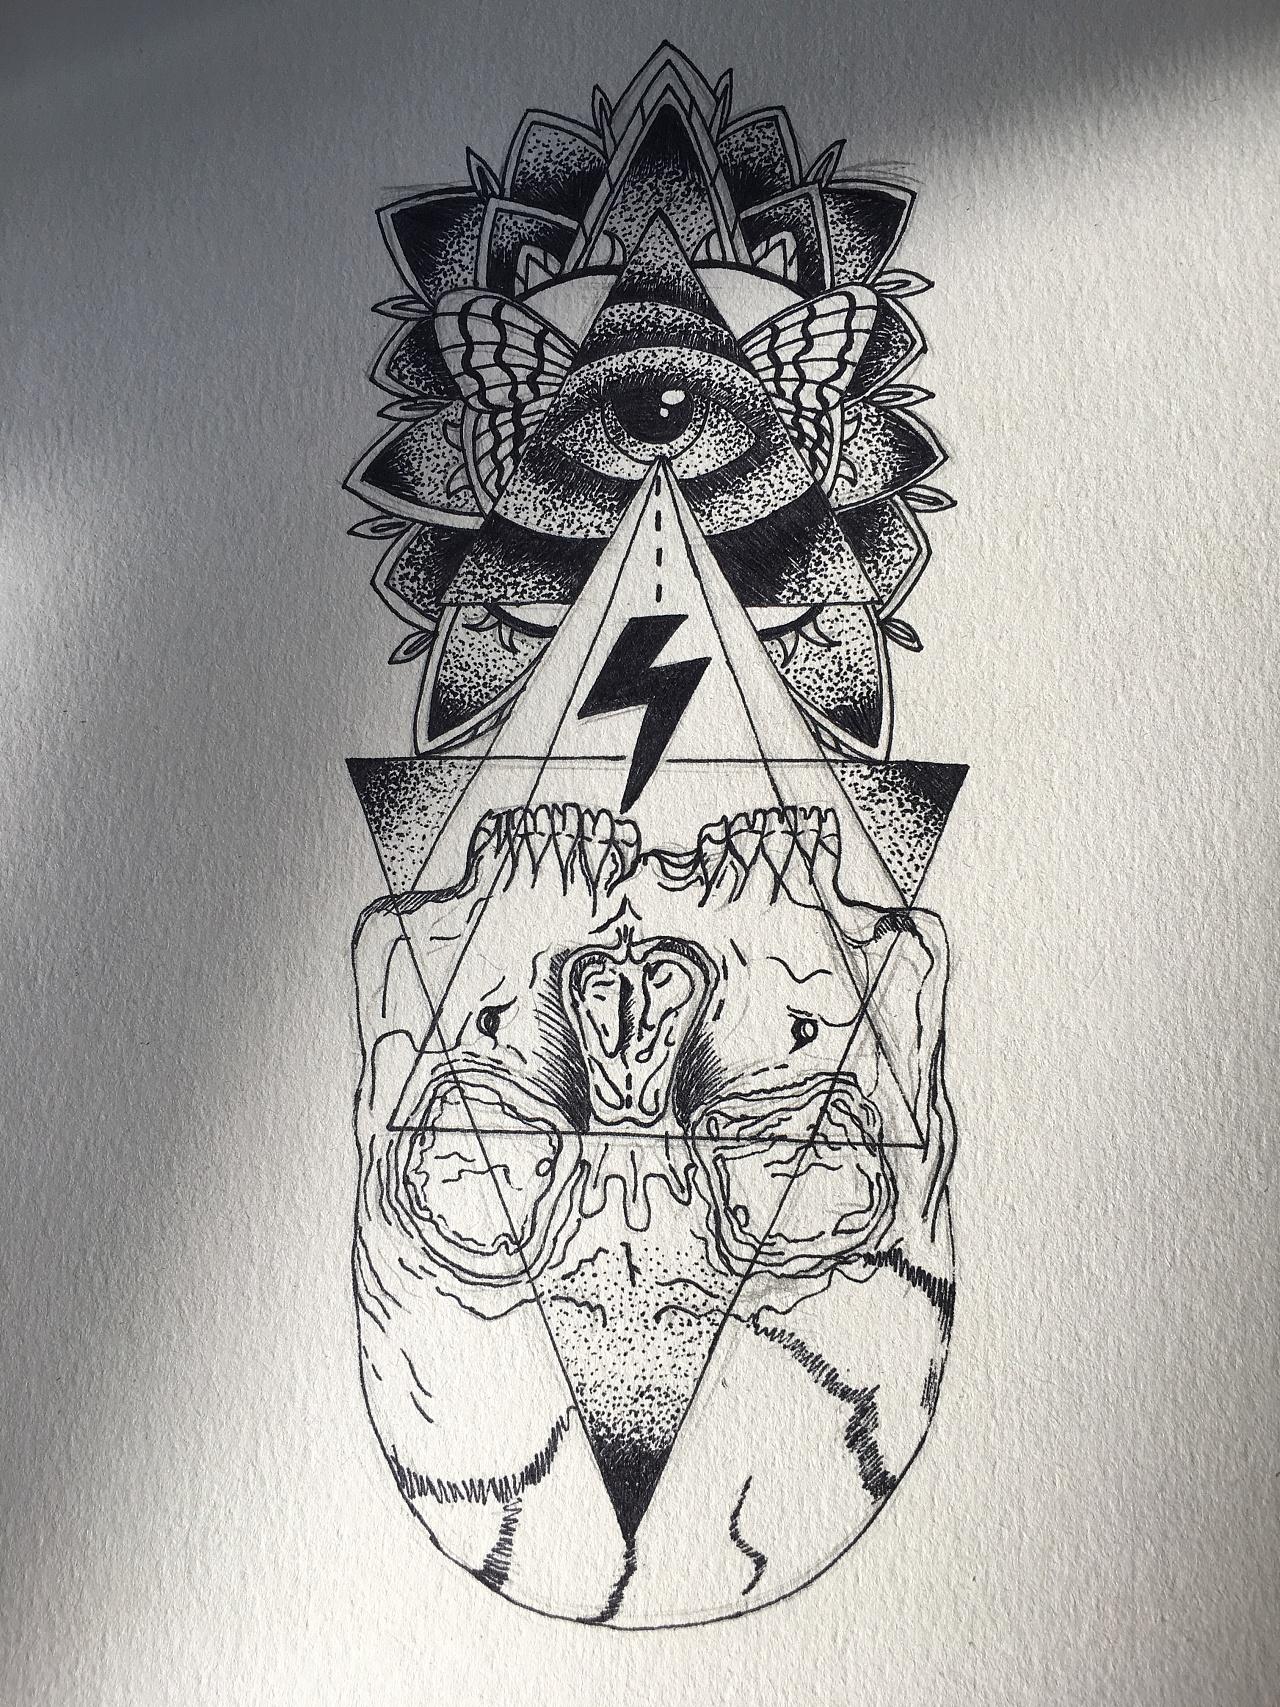 纹身手绘|插画|涂鸦/潮流|木八梓 - 原创作品 - 站酷